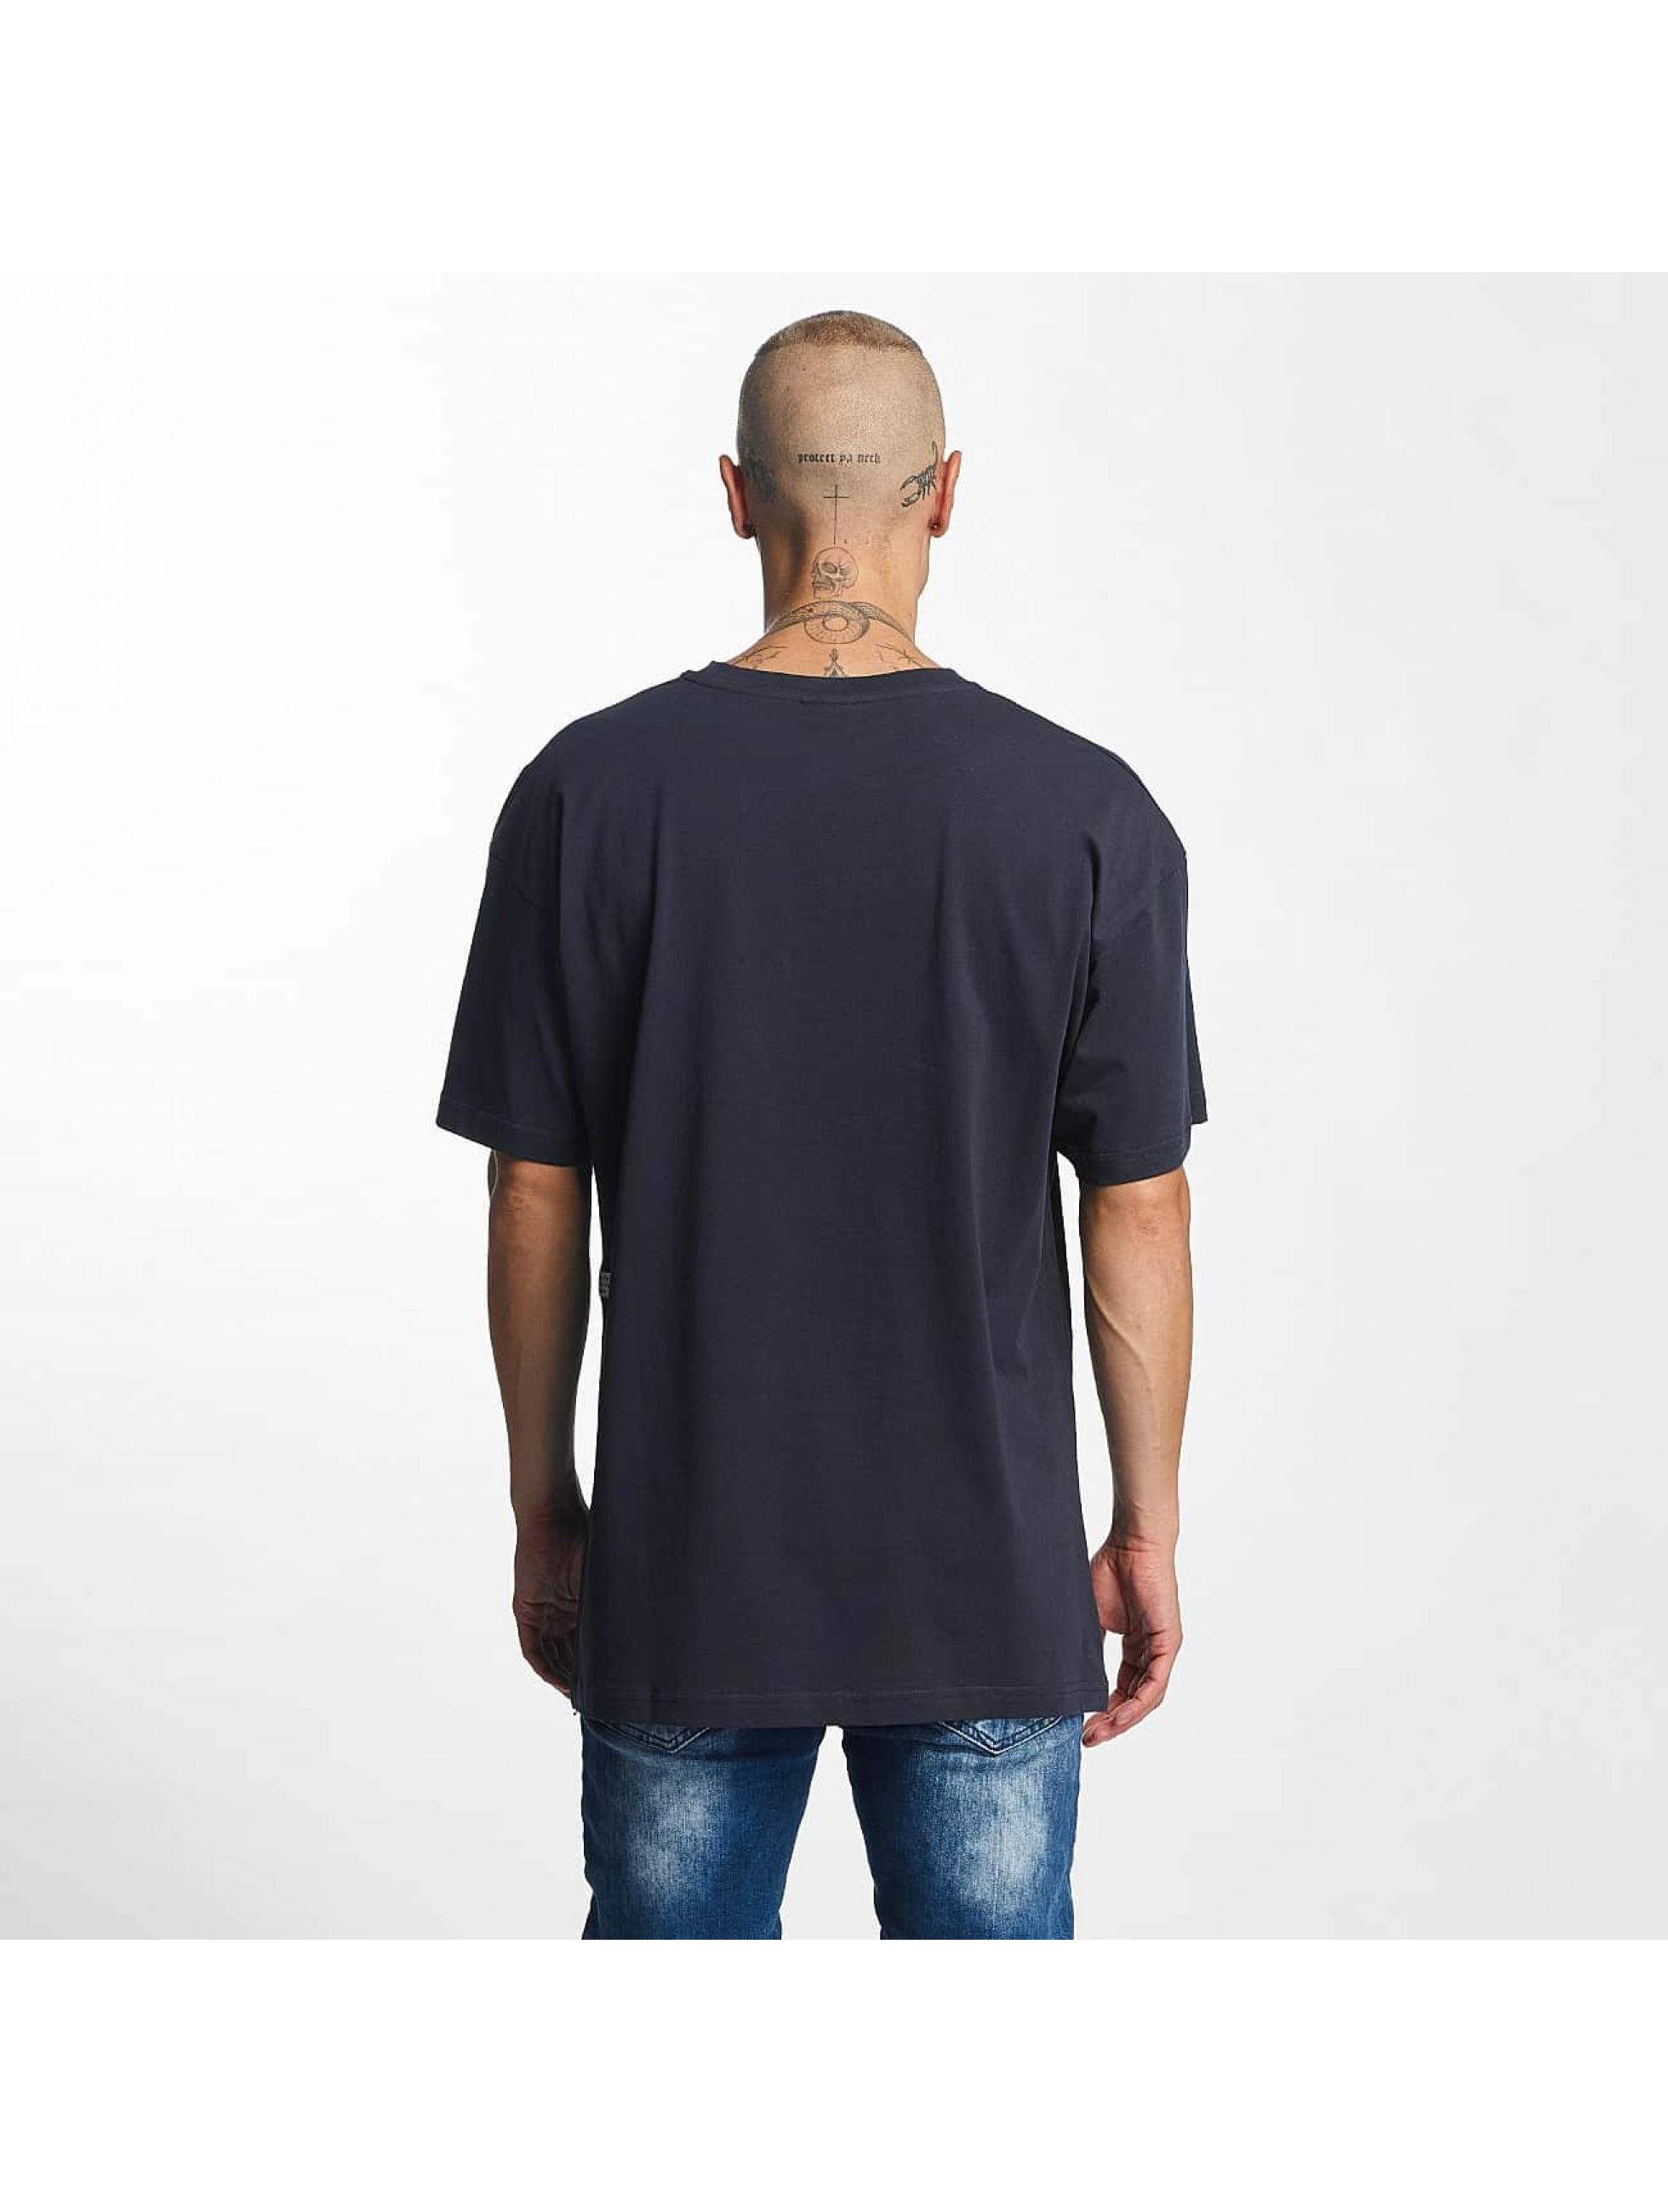 K1X T-Shirt Crest blue